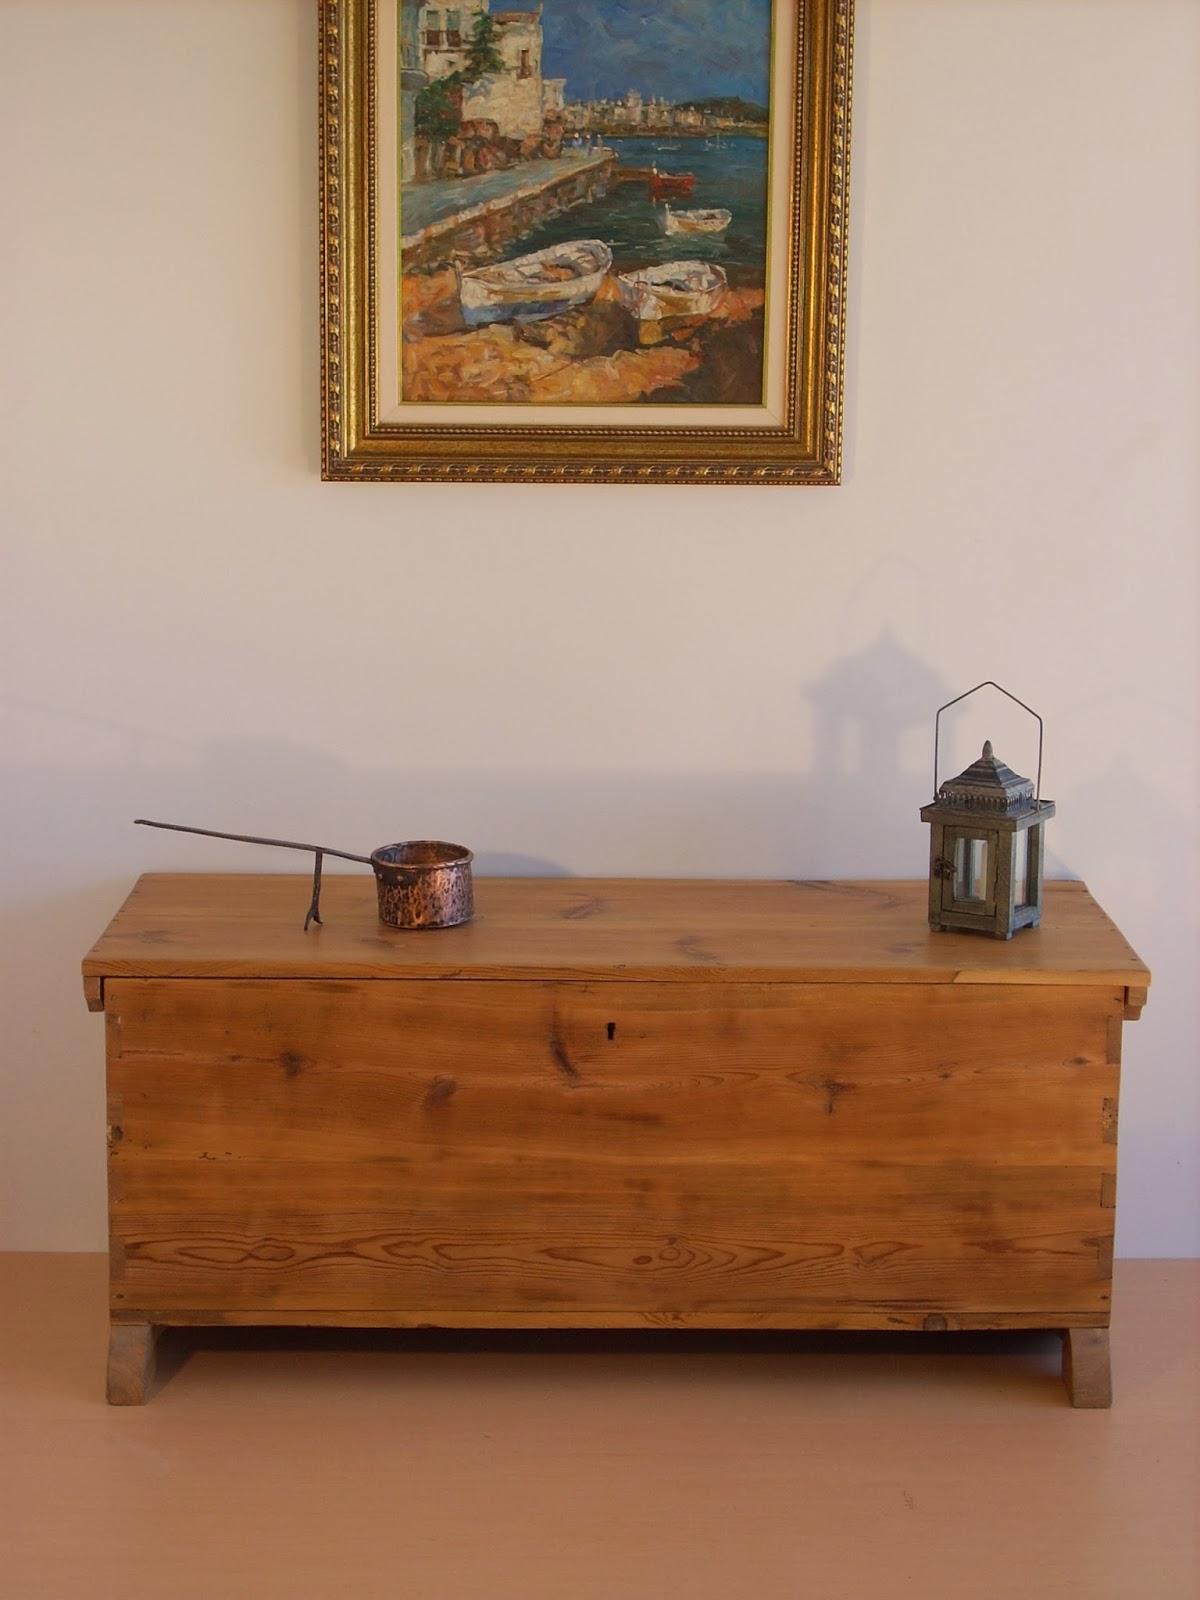 Venta de muebles antiguos restaurados naturmoble - Muebles antiguos restaurados ...